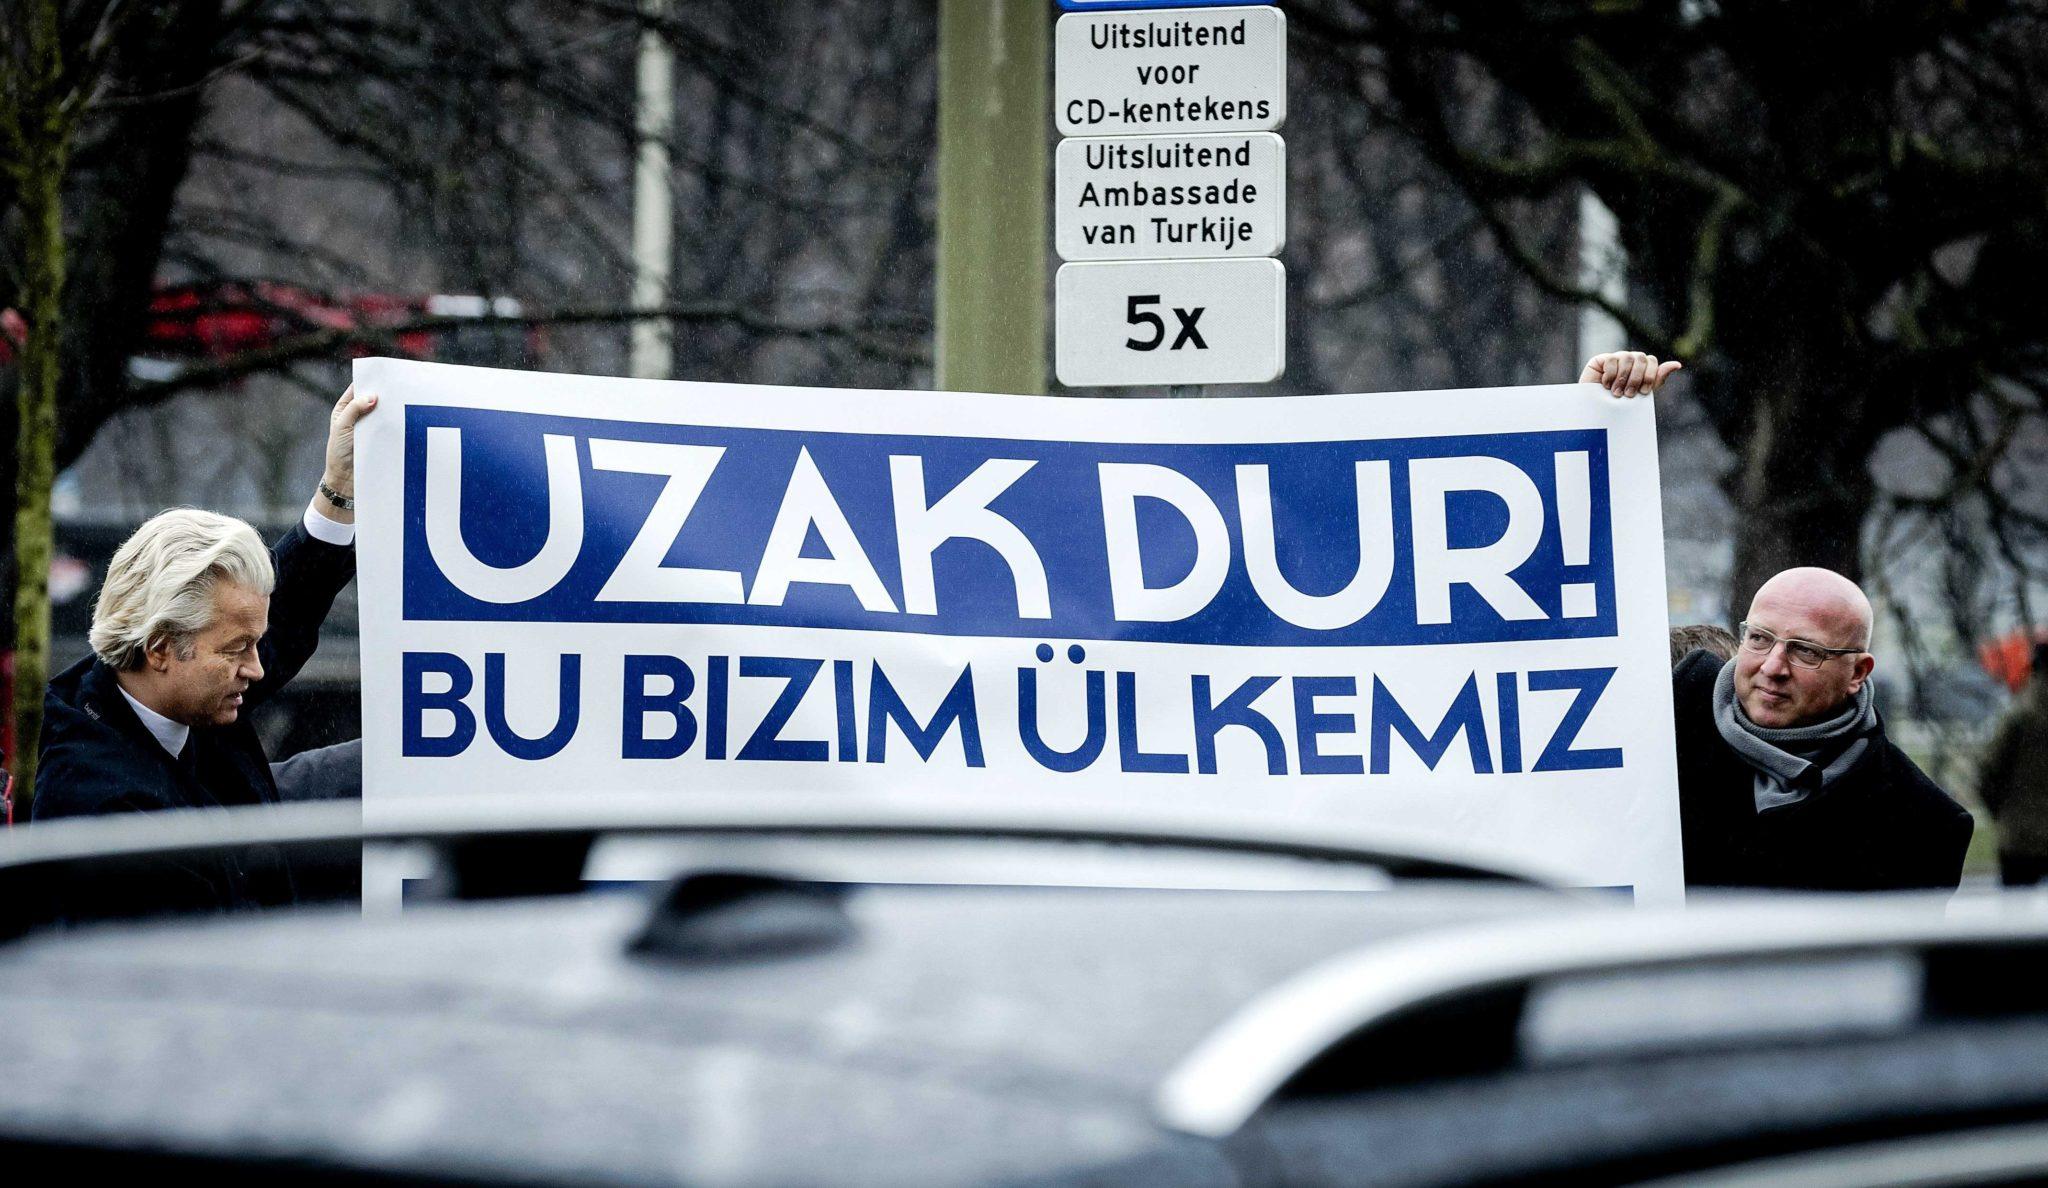 Holandia: protest przeciwko polityce Turcji przed turecką ambasadą w Hadze (foto. PAP/EPA/ROBIN VAN LONKHUIJSEN)